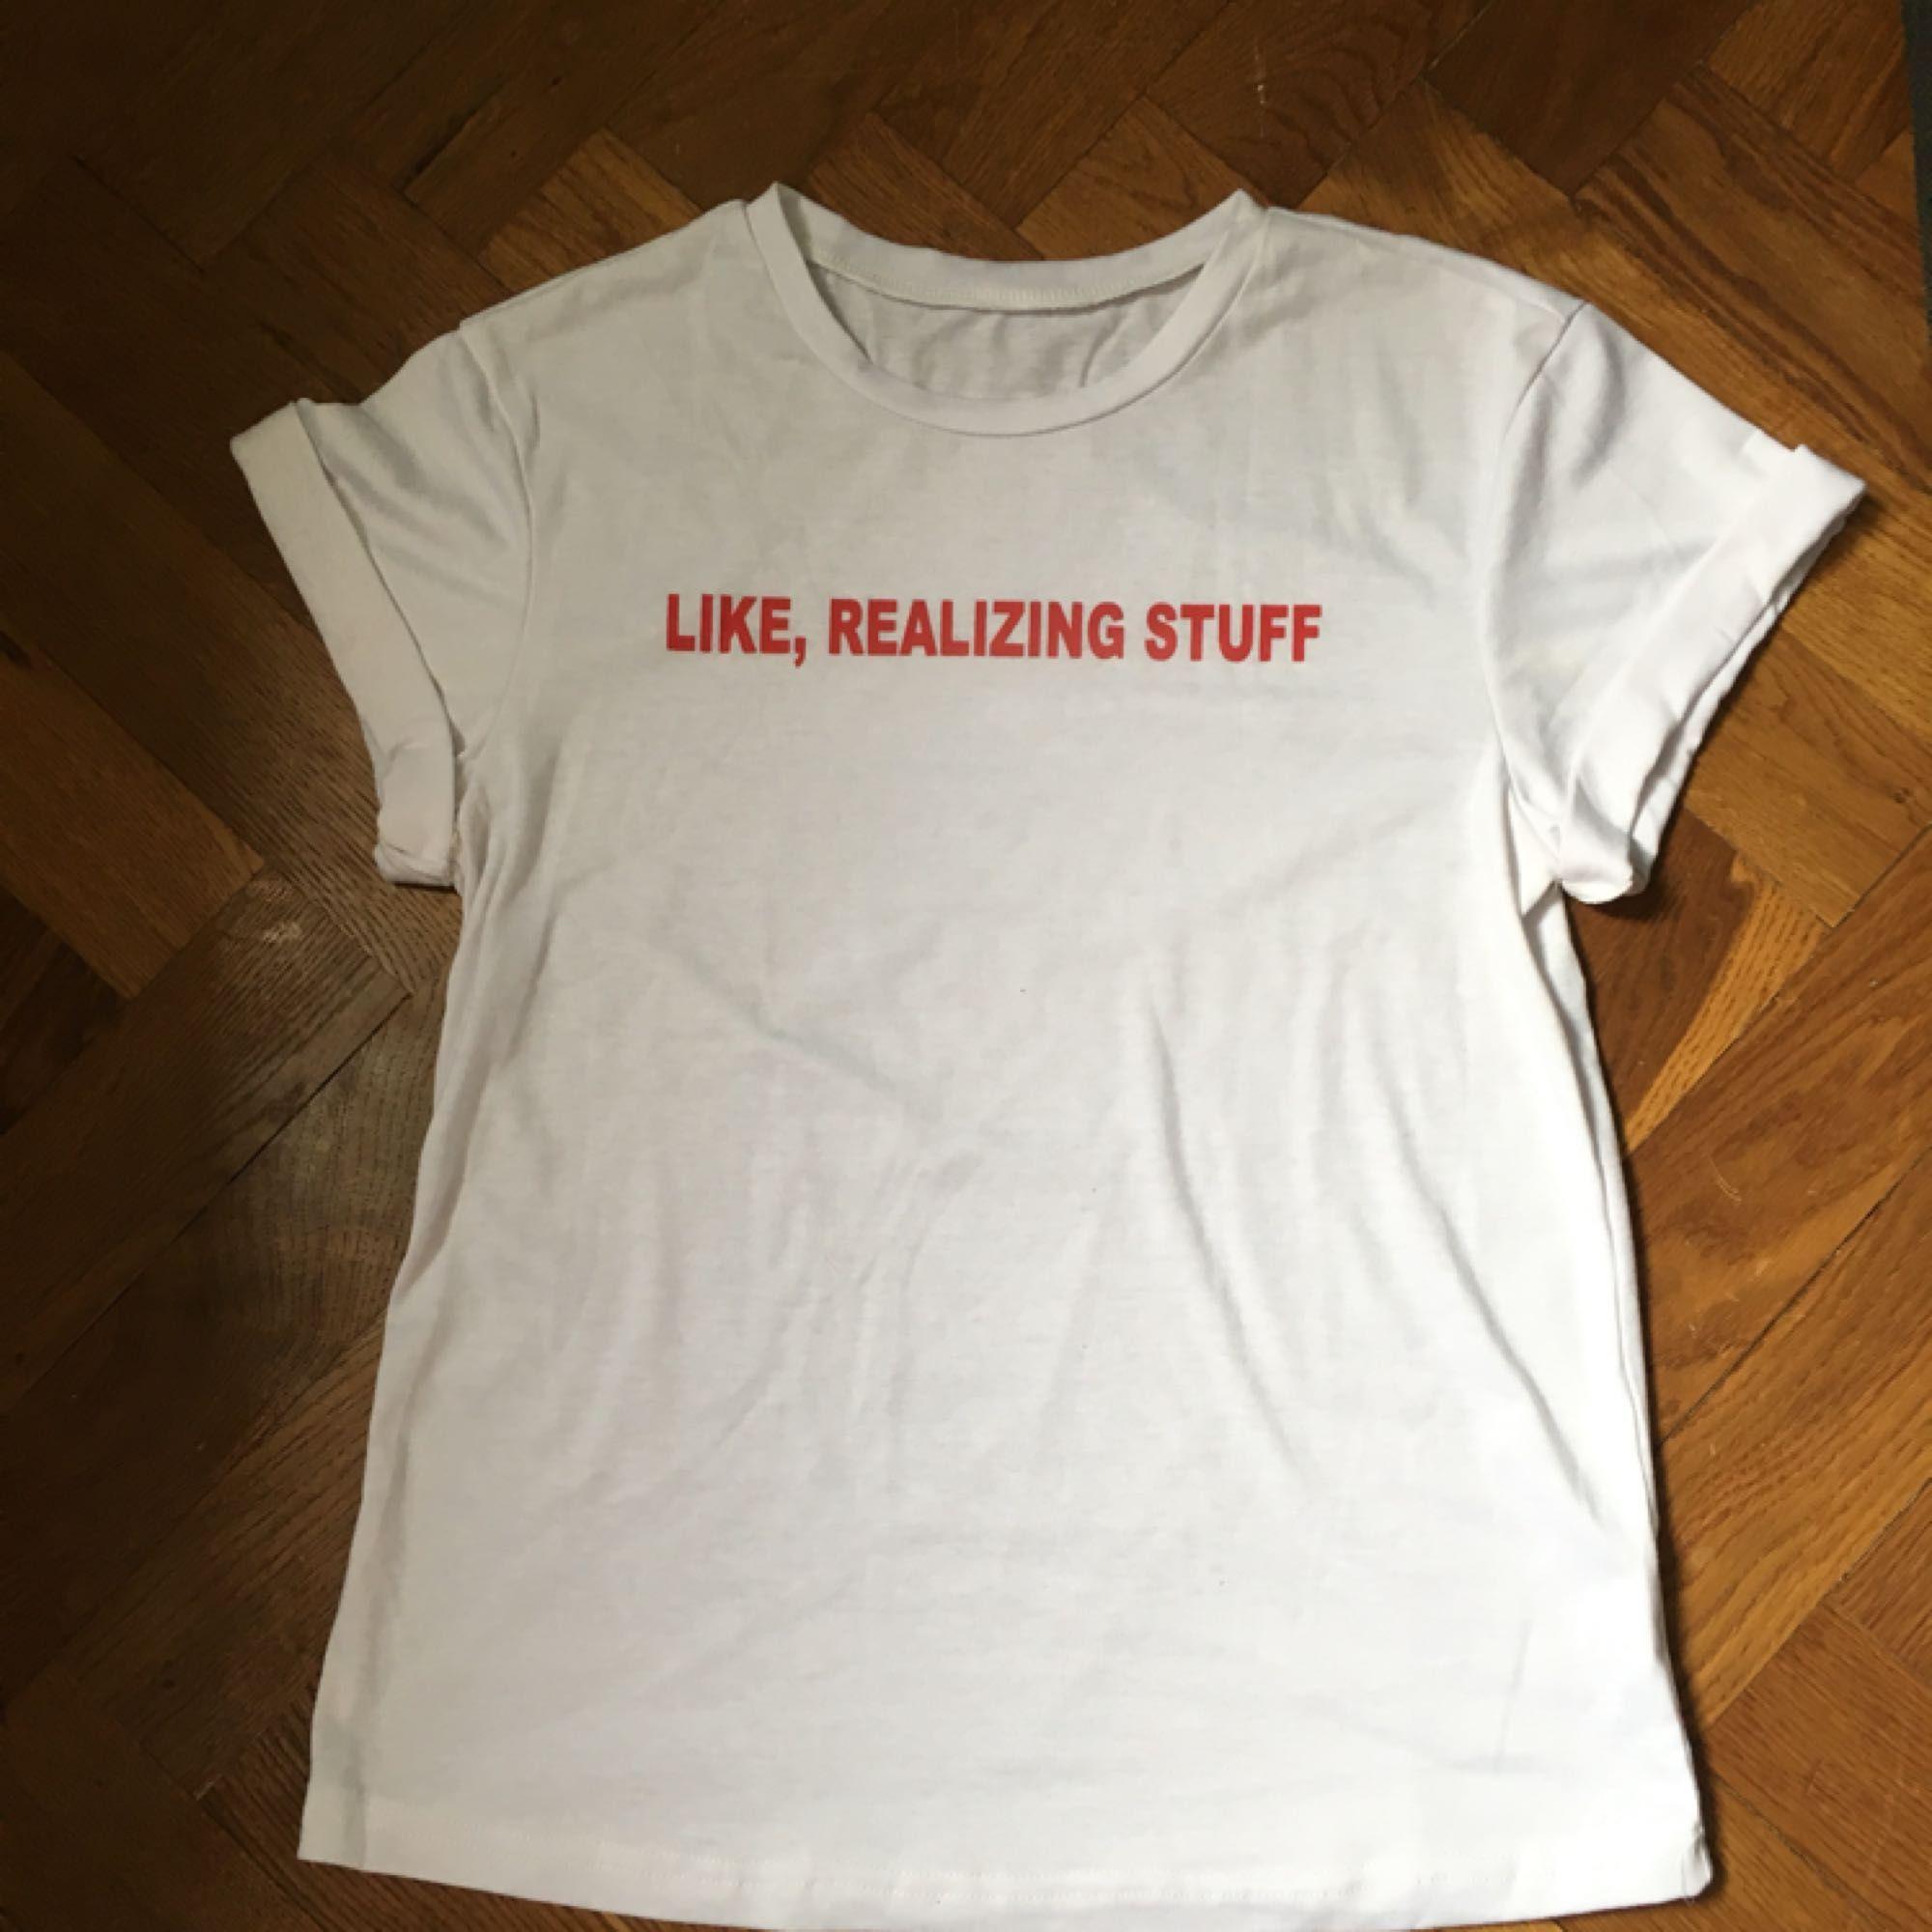 Tshirt med Kylie Jenners världsberömda citat från när hon förutsåg hur år 2017 skulle komma att vara.  OBS!! Kolla gärna in resten av mina varor till salu, kör vårrensning i garderoben och säljer loss massor av kläder för bra priser!. T-shirts.